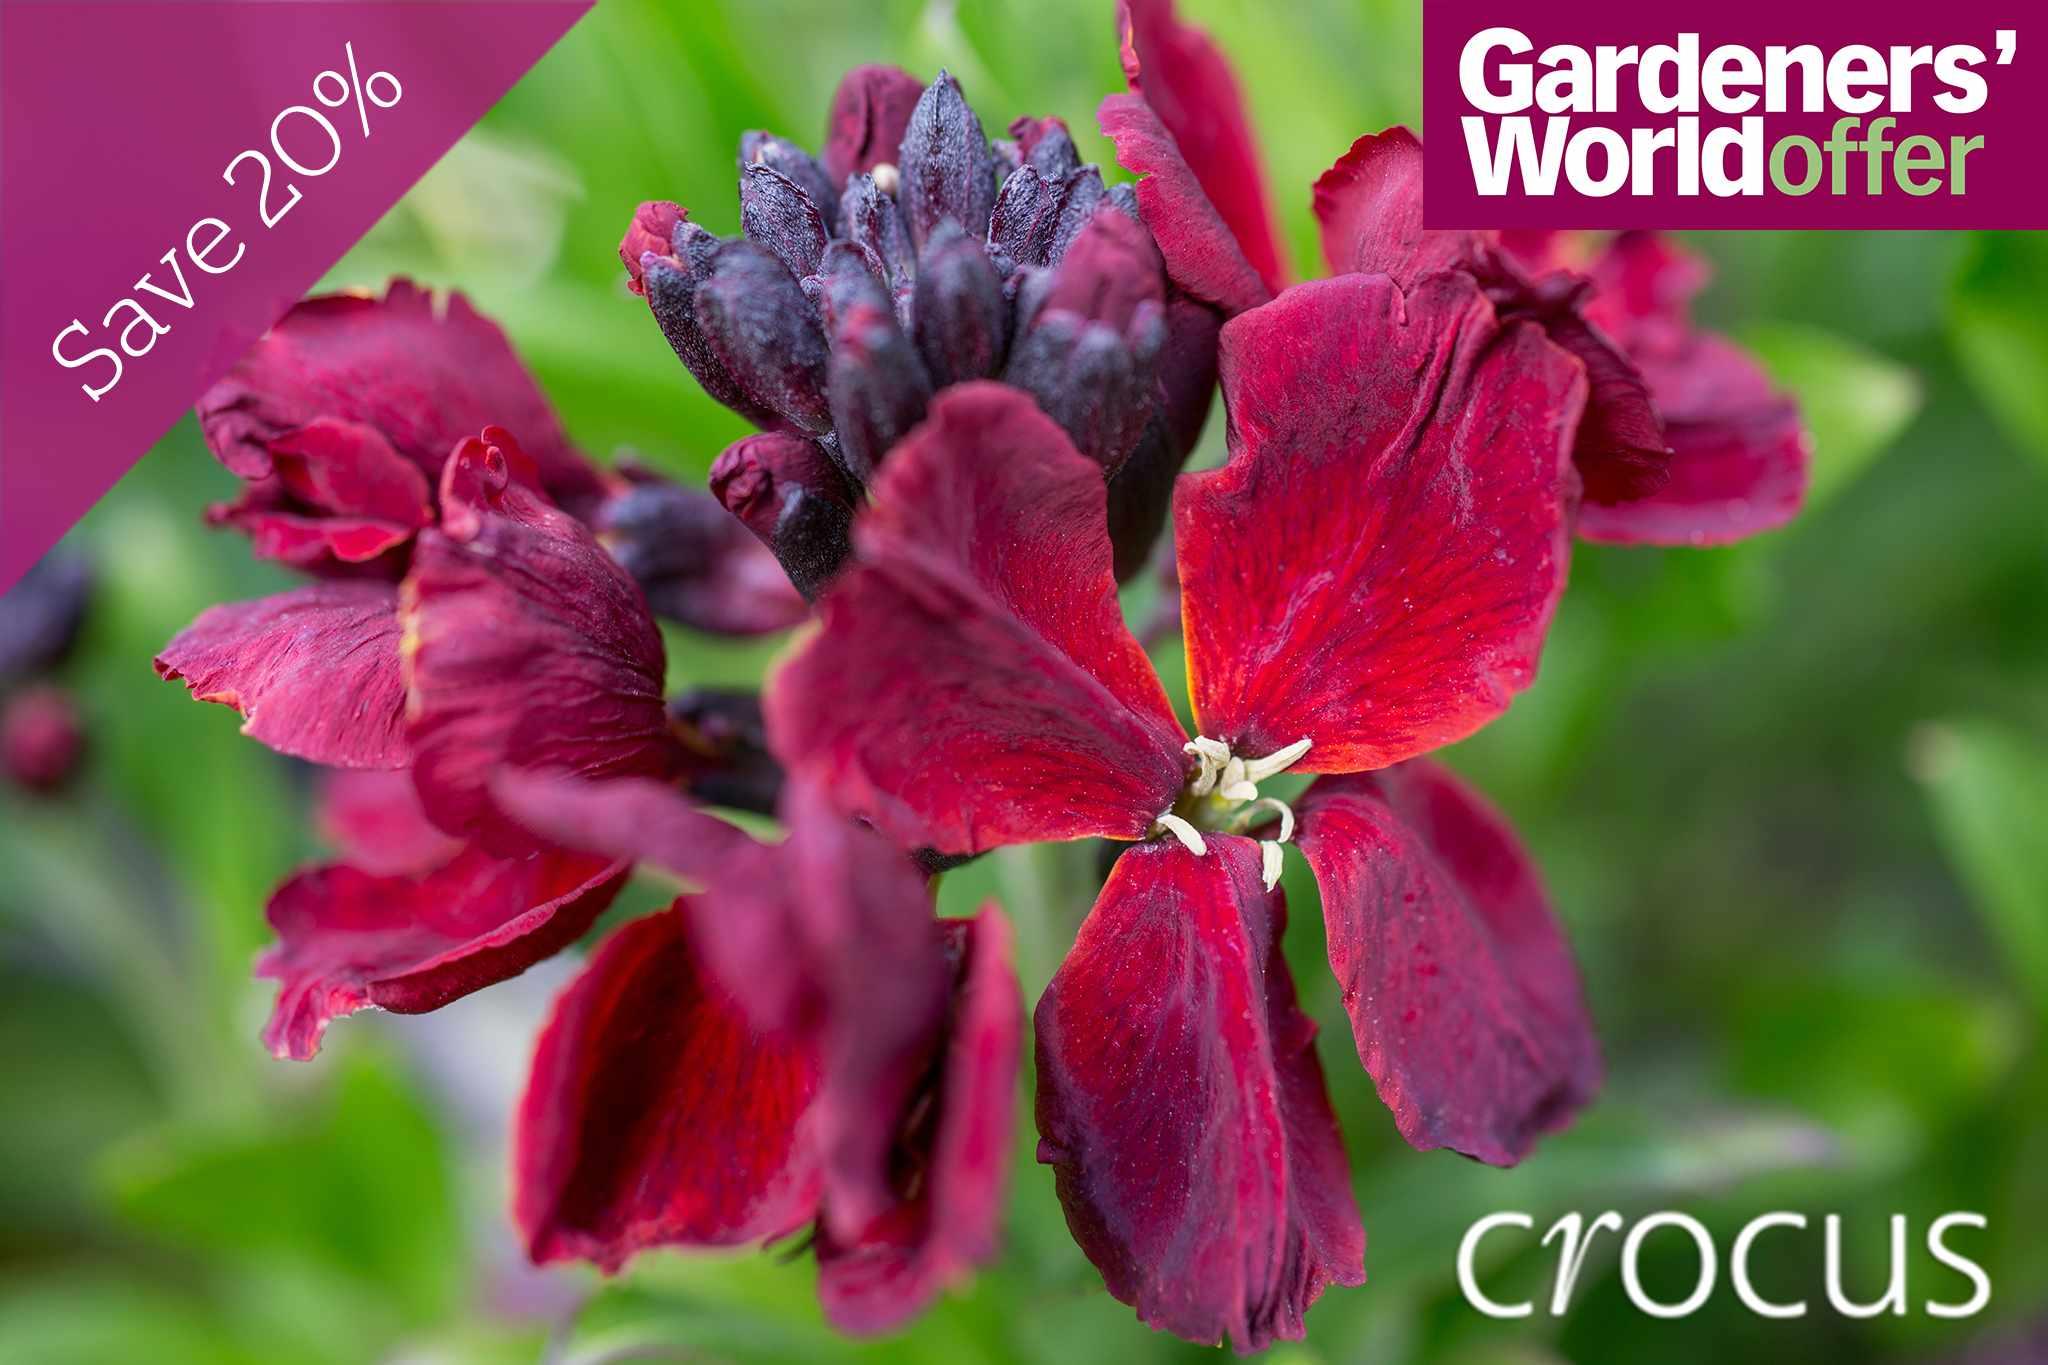 crocus-20-per-cent-promo-2048-1365